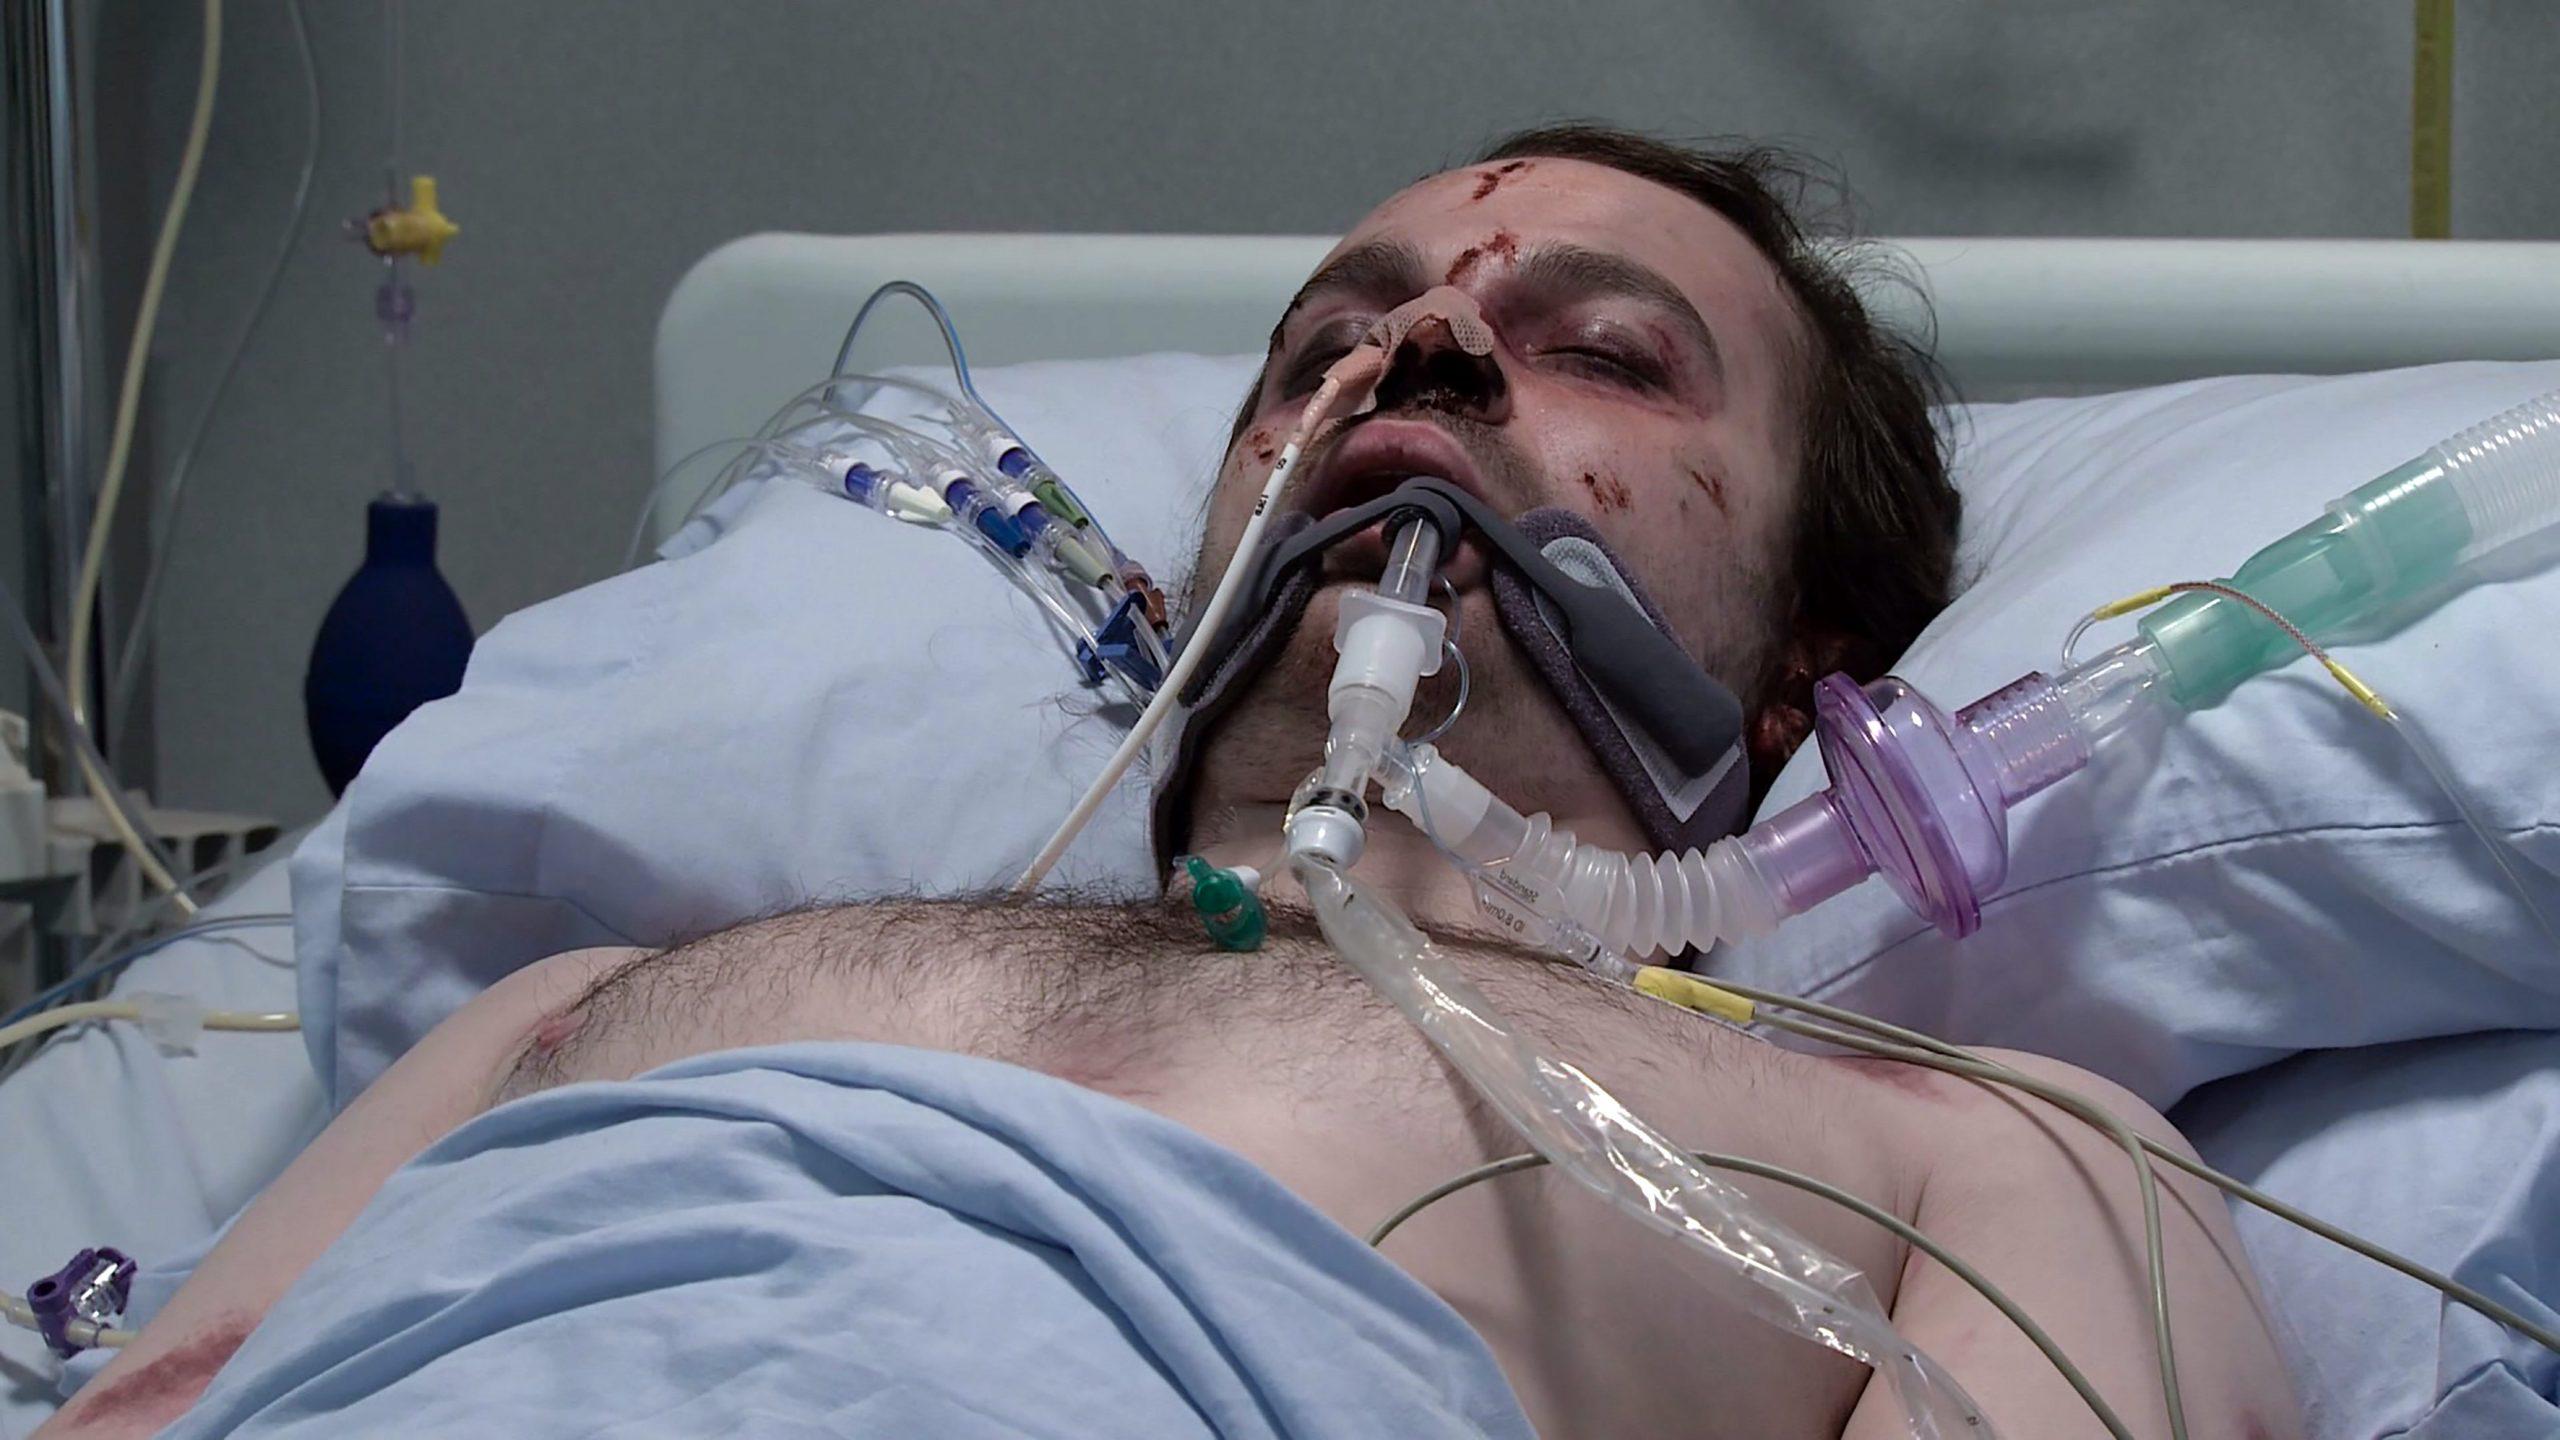 Seb es golpeado y herido en Coronation Street del hospital